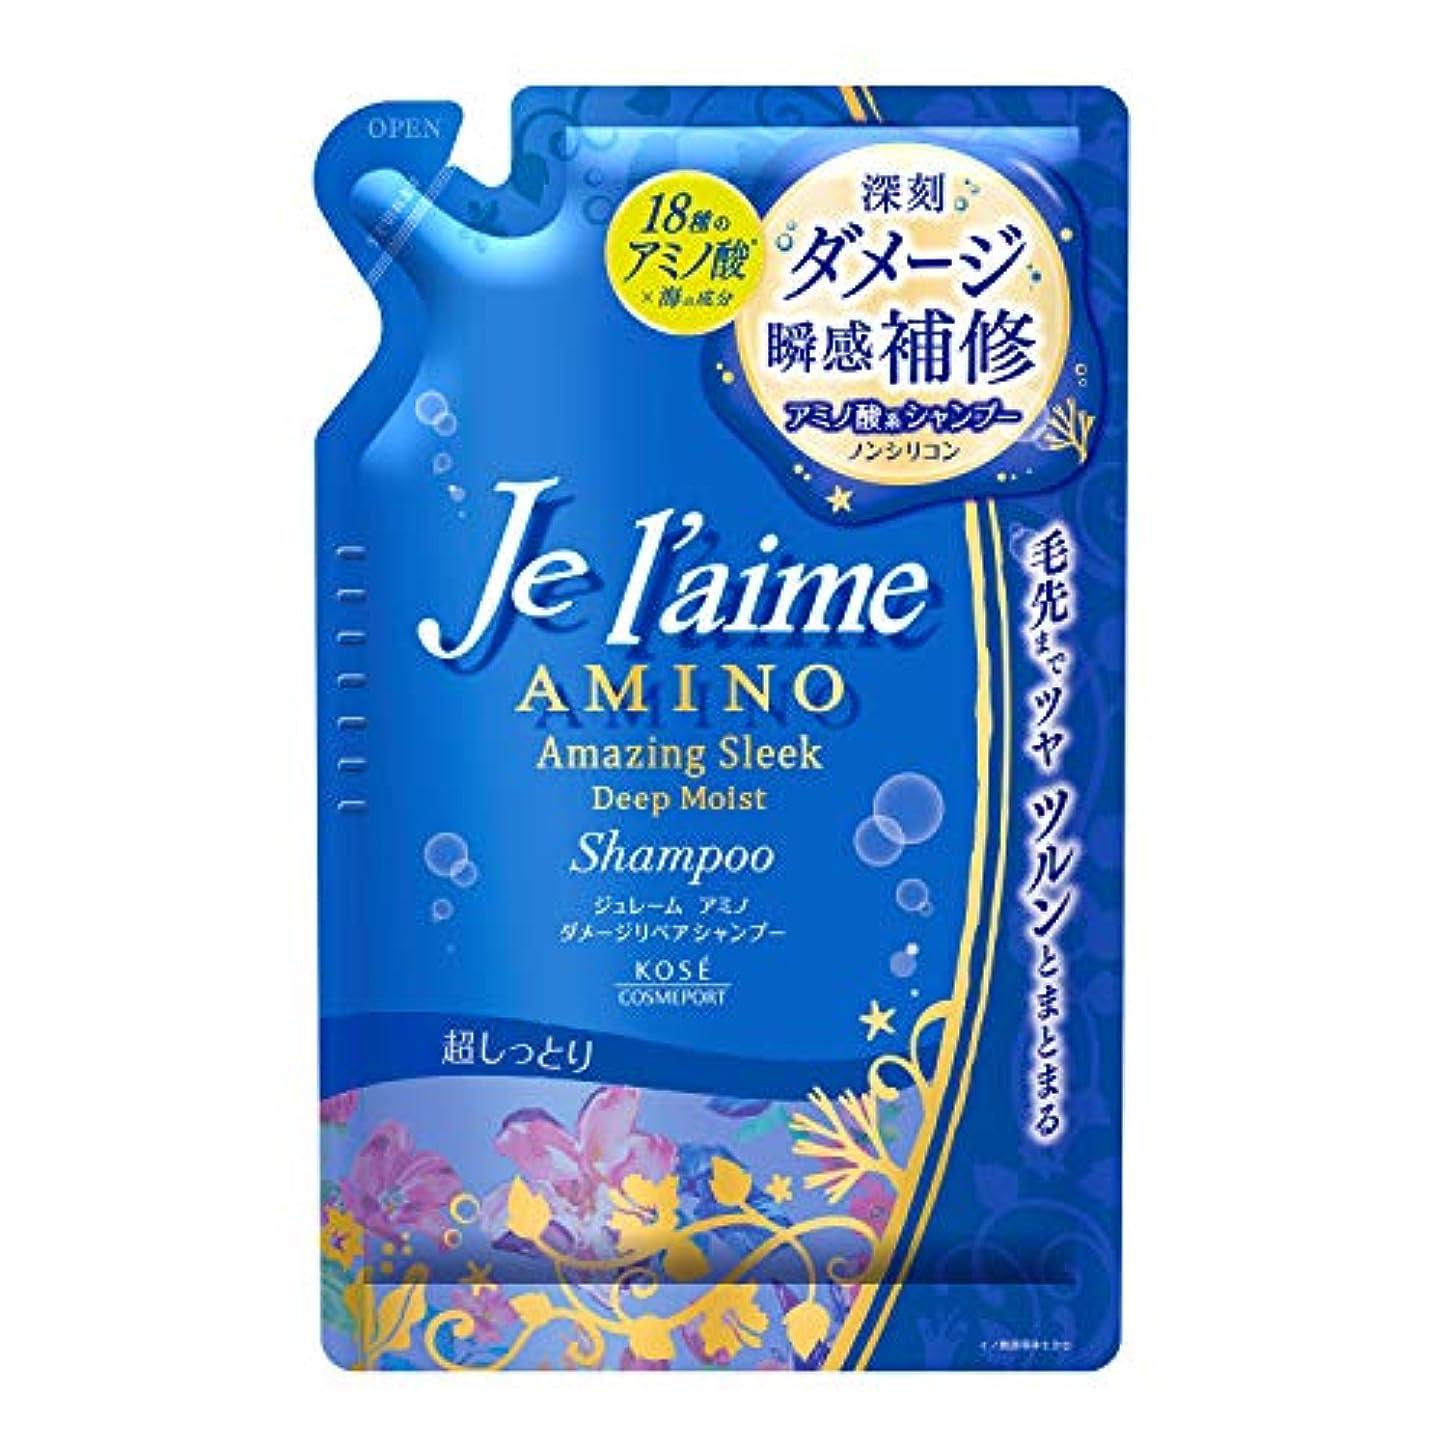 信じられないオフ正当化するKOSE コーセー ジュレーム アミノ ダメージ リペア シャンプー アミノ酸 配合 (ディープモイスト) つめかえ 400ml